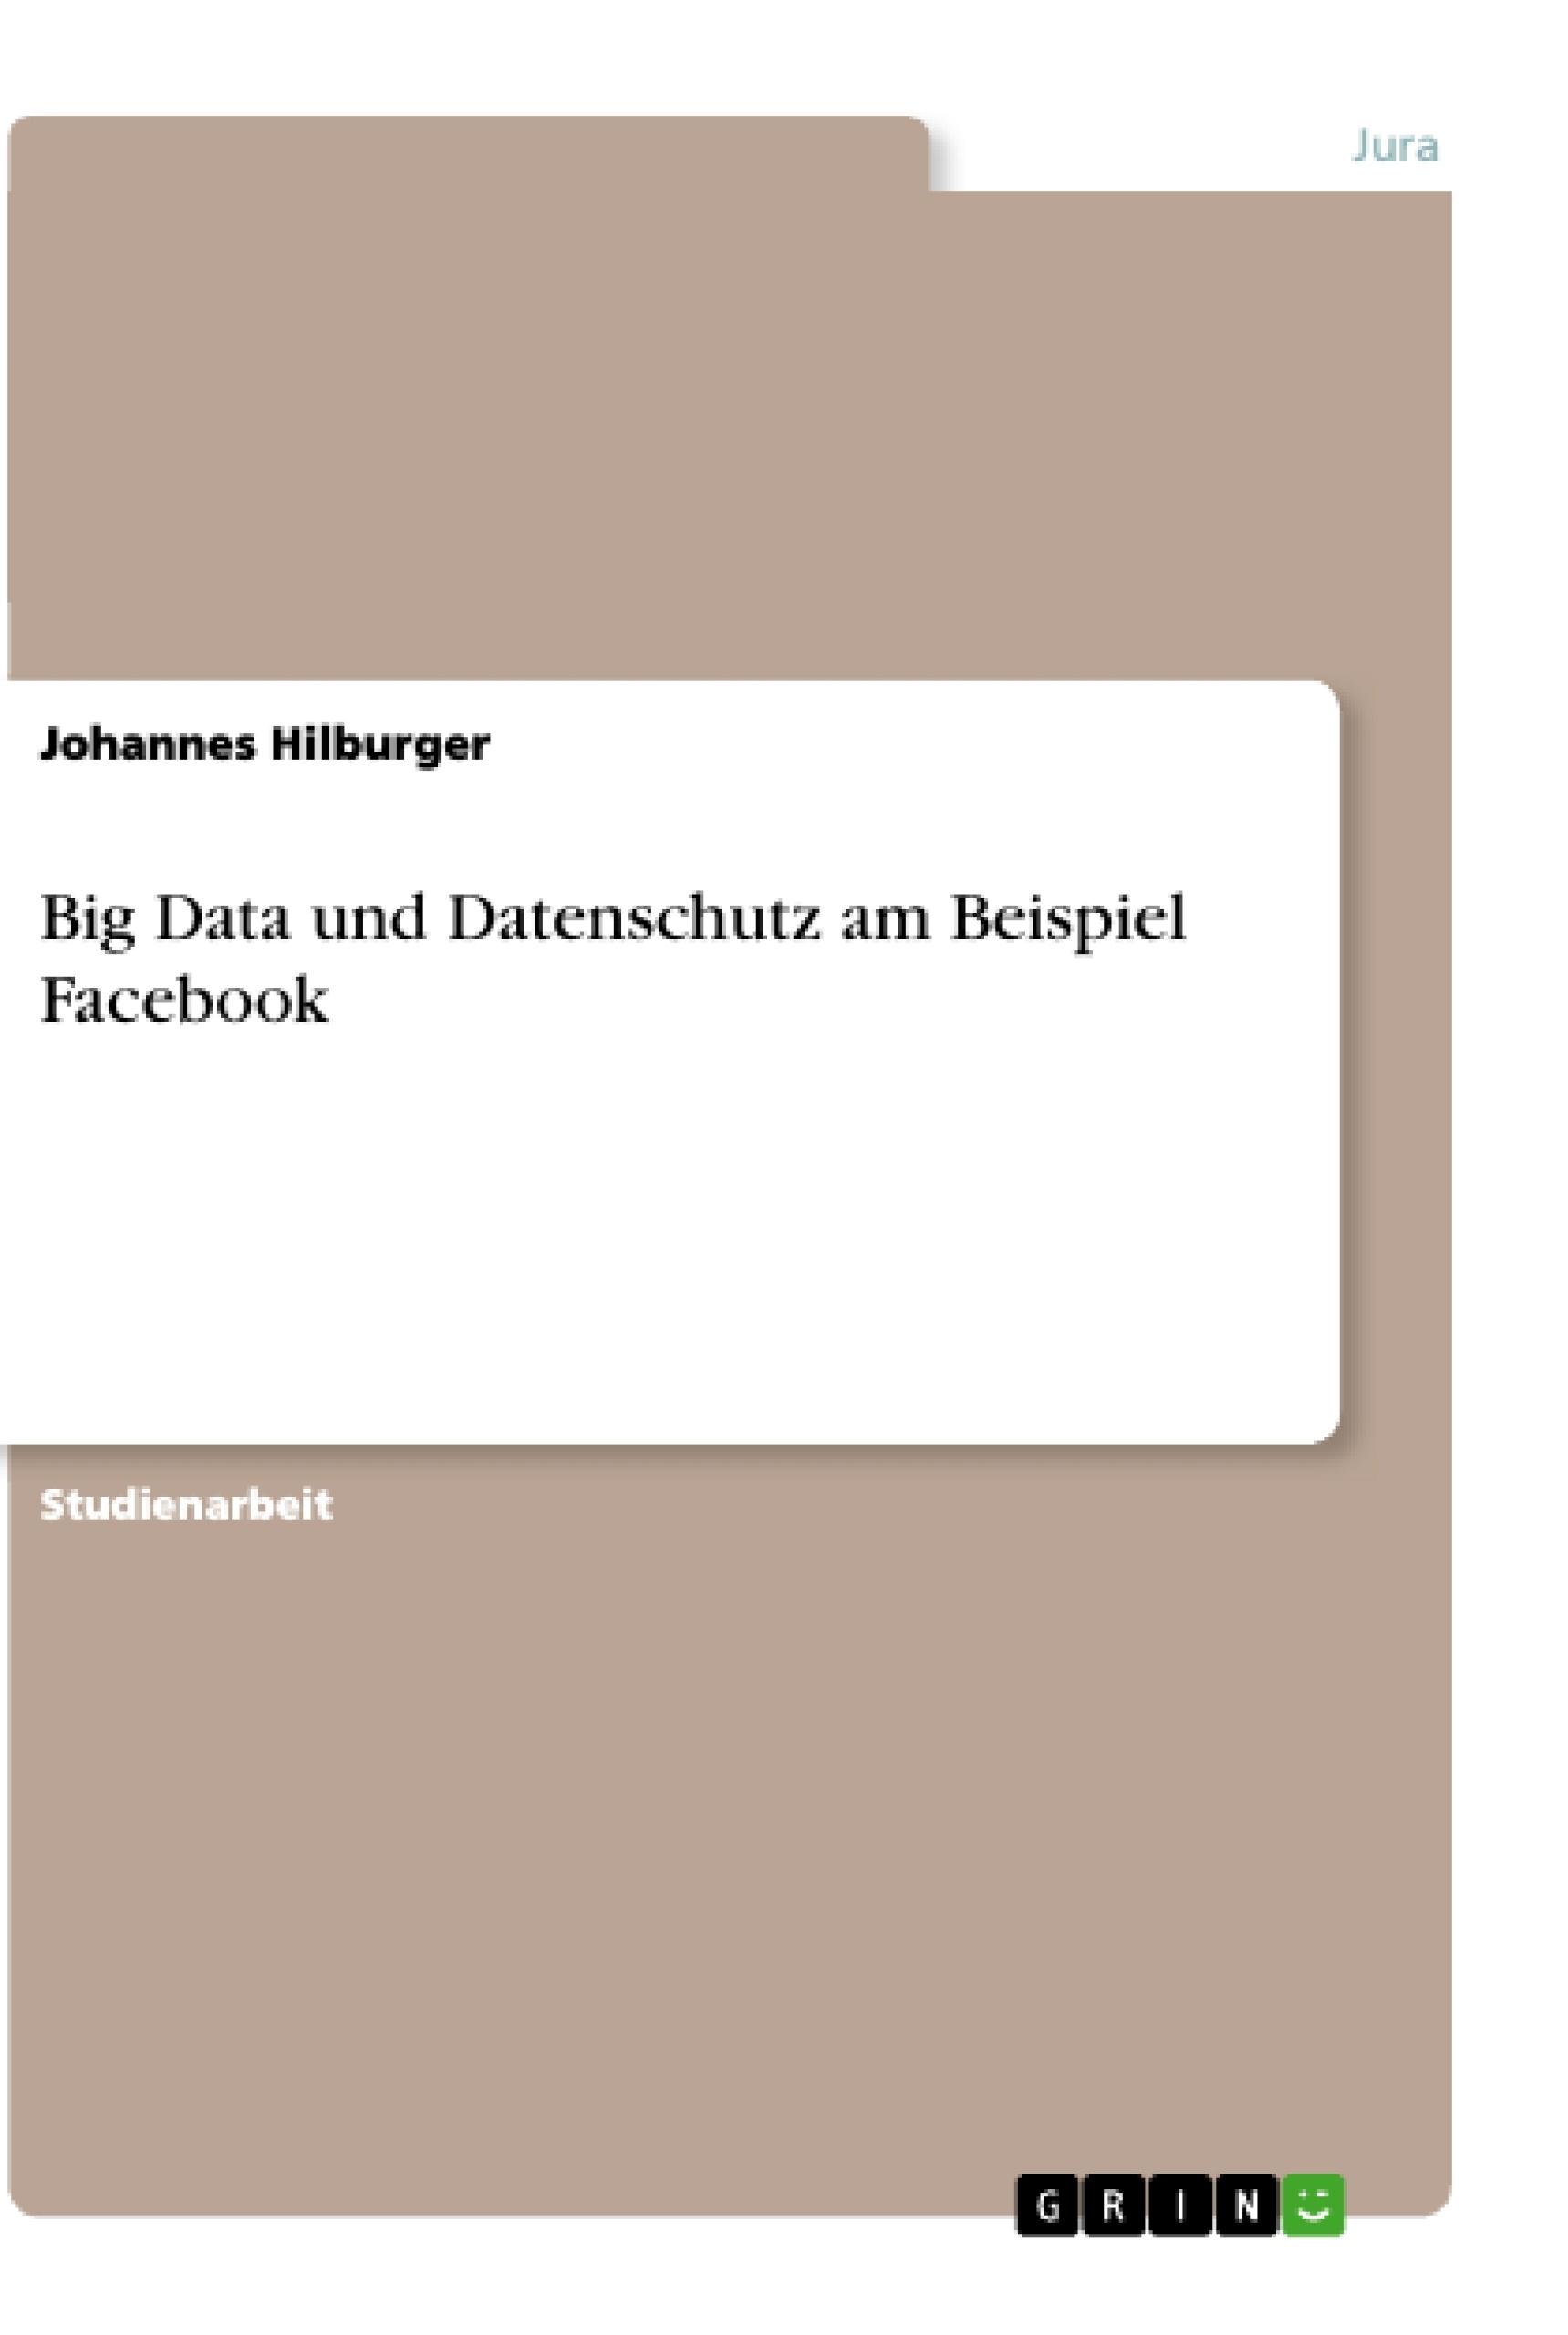 Titel: Big Data und Datenschutz am Beispiel Facebook